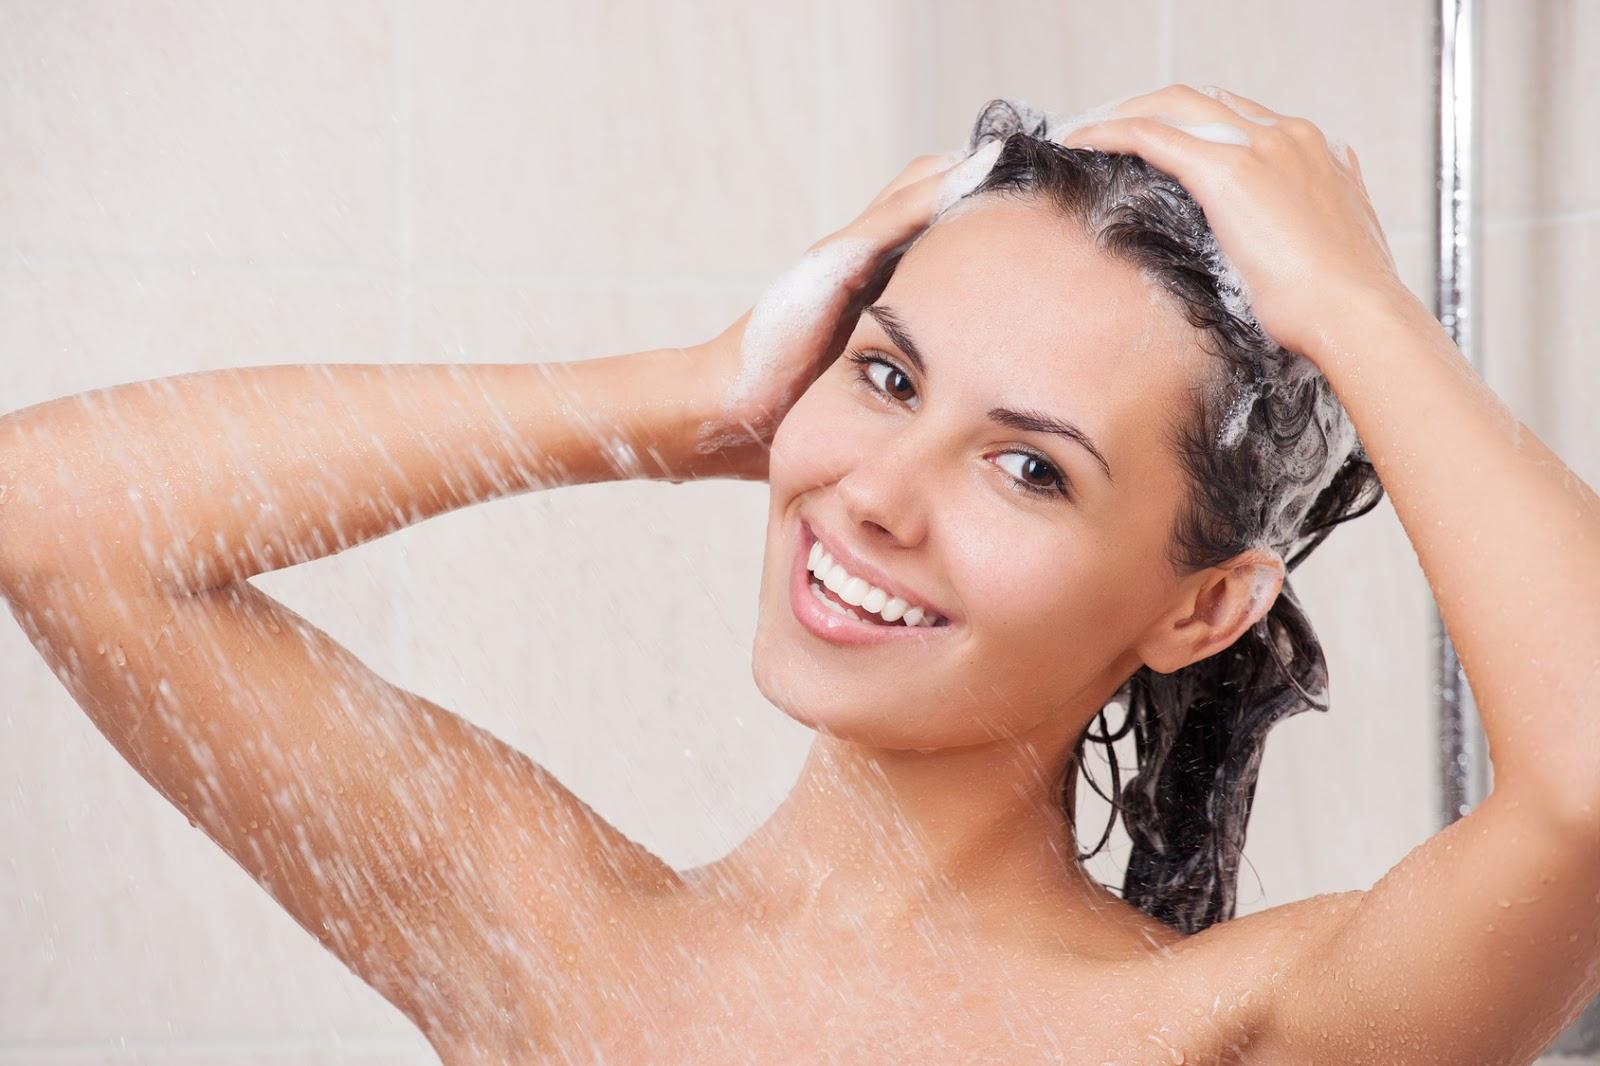 intervento chirurgico alla prostata facendo la doccia